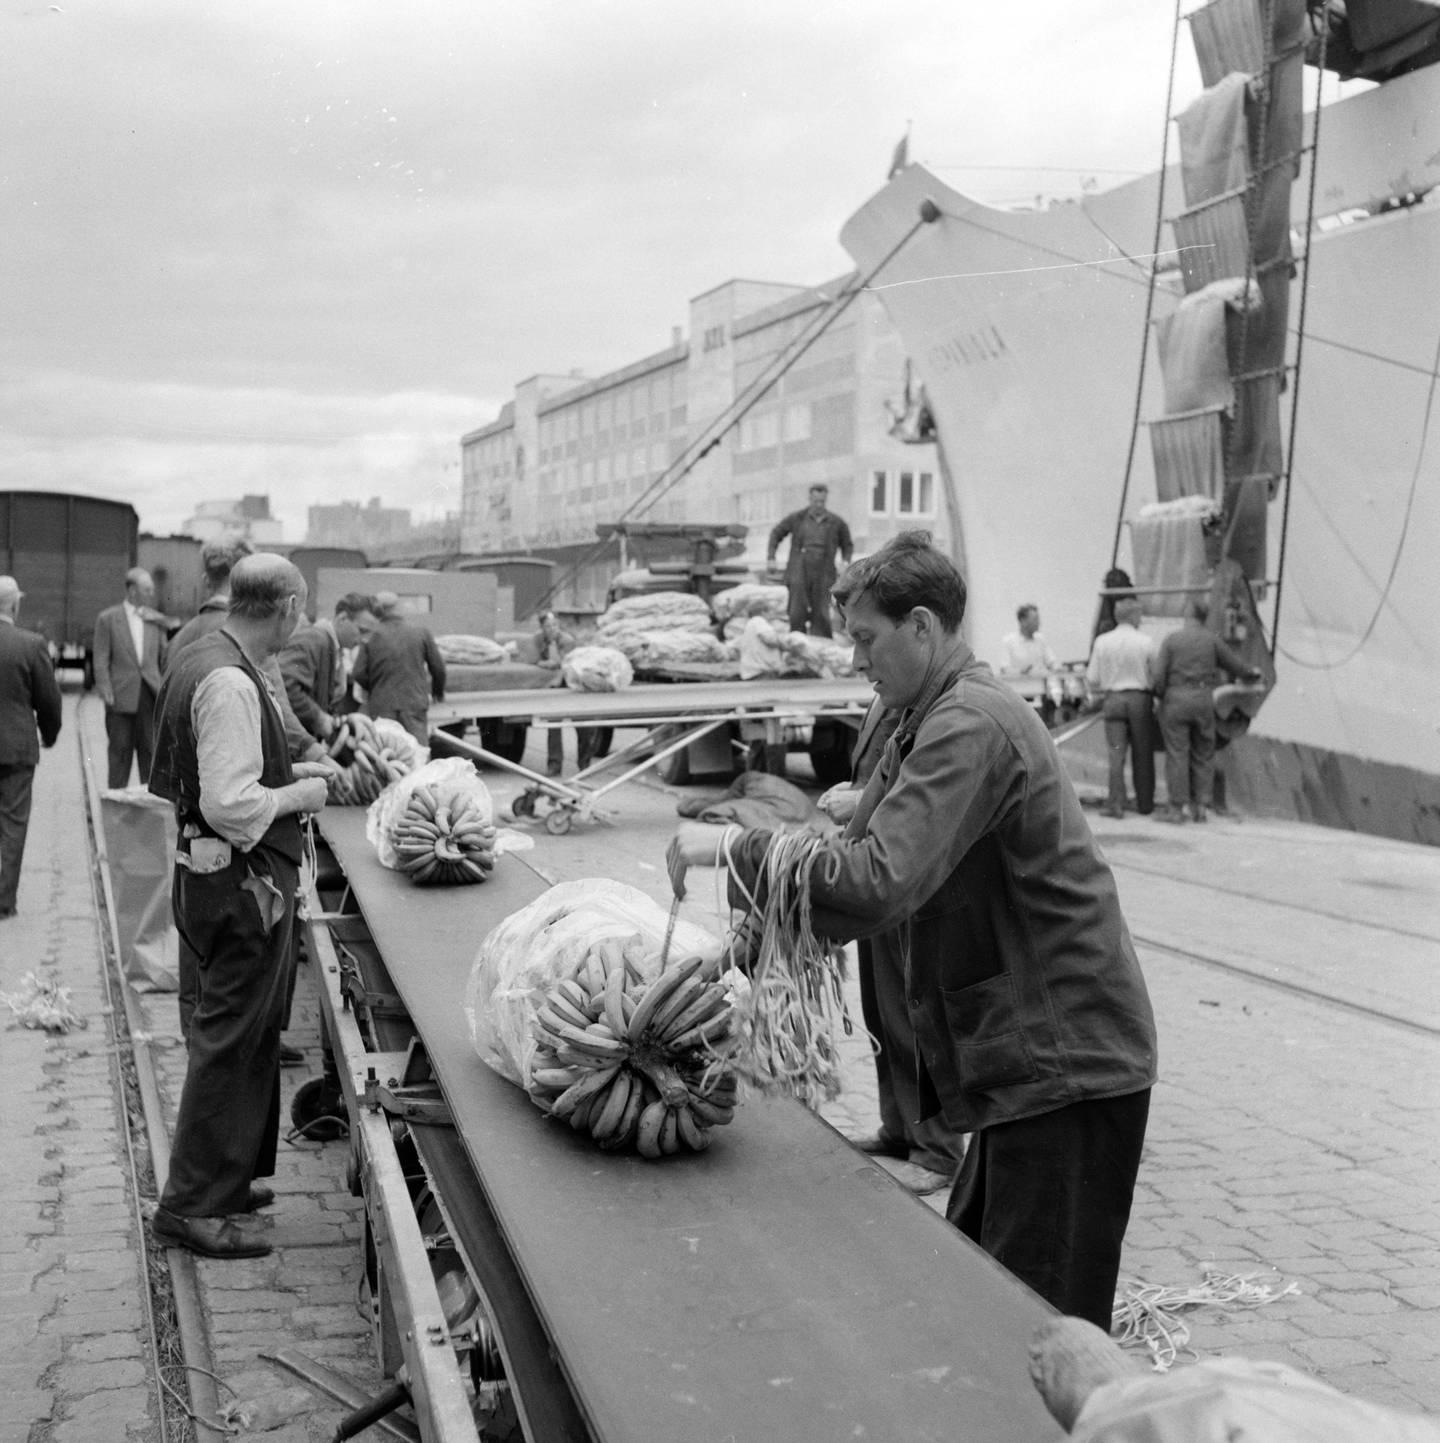 Bryggearbeidere losser bananer på samlebånd i juli 1957.